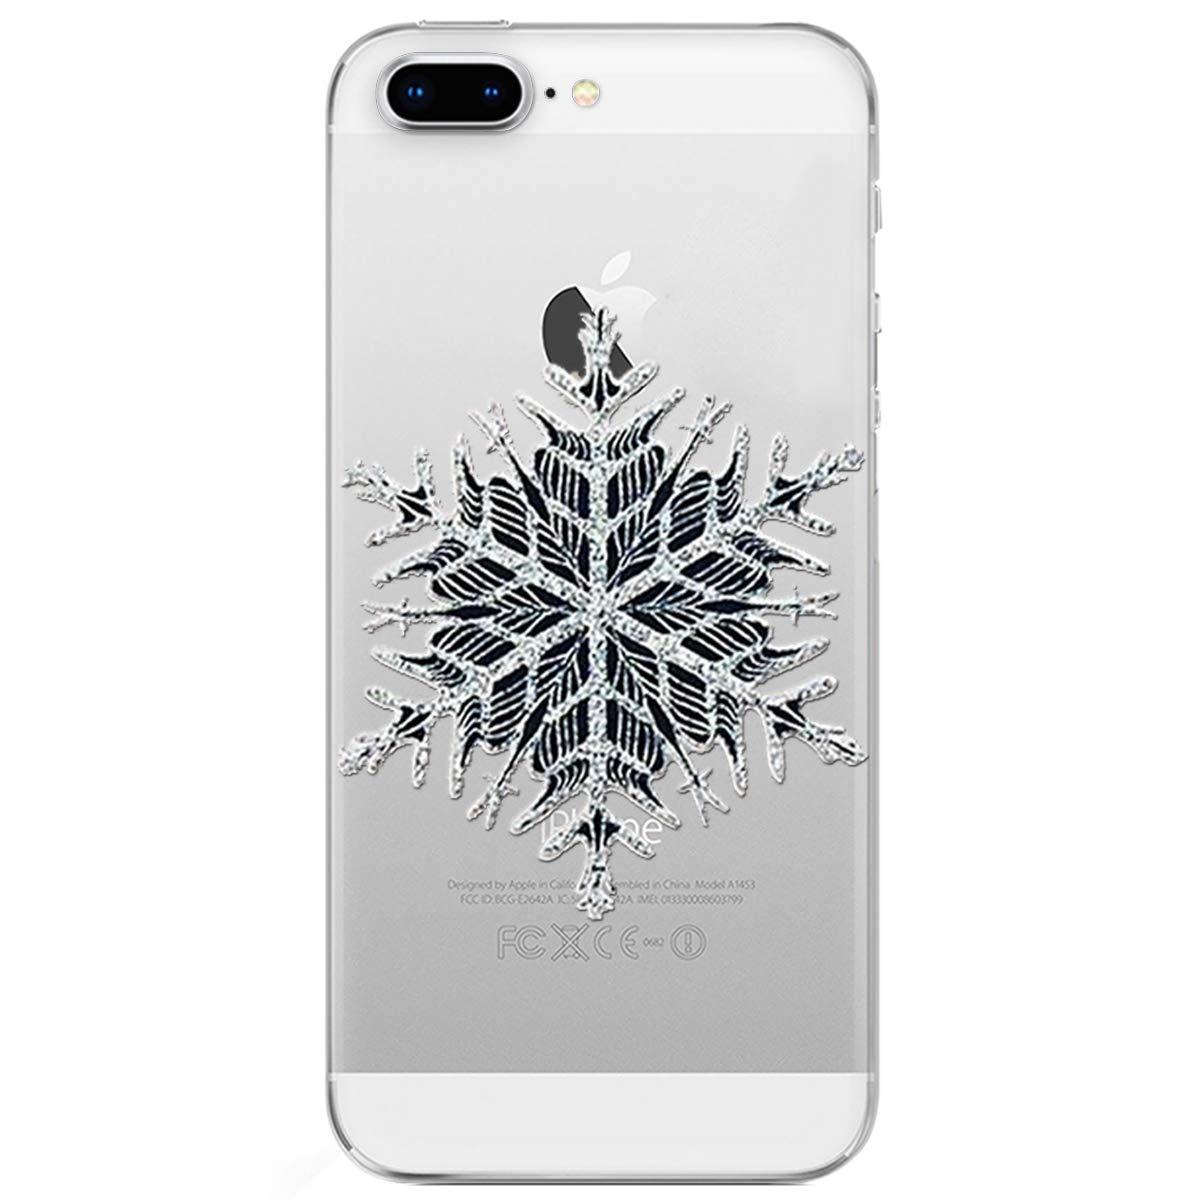 Durchsichtig Silikon Etui Christmas Weihnachten Schneeflocke Hirsch TPU Gel Bumper MoreChioce iPhone 8 Plus H/ülle,iPhone 7 Plus Handyh/ülle